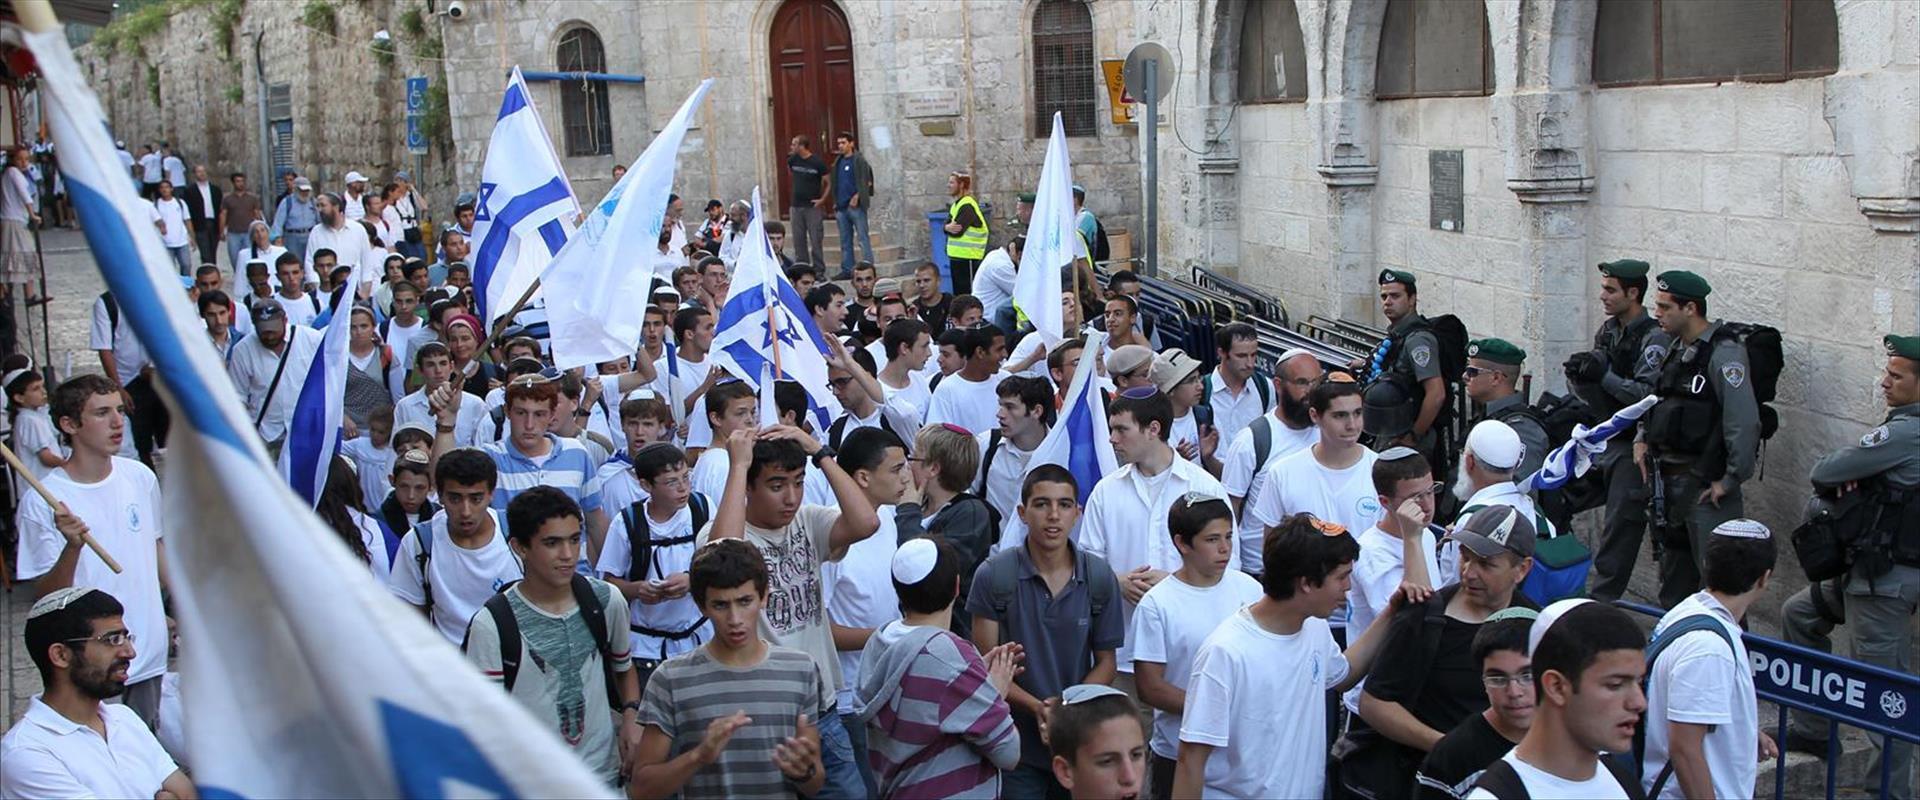 מצעד הדגלים מתאסף במרכז ירושלים, 10.5.21